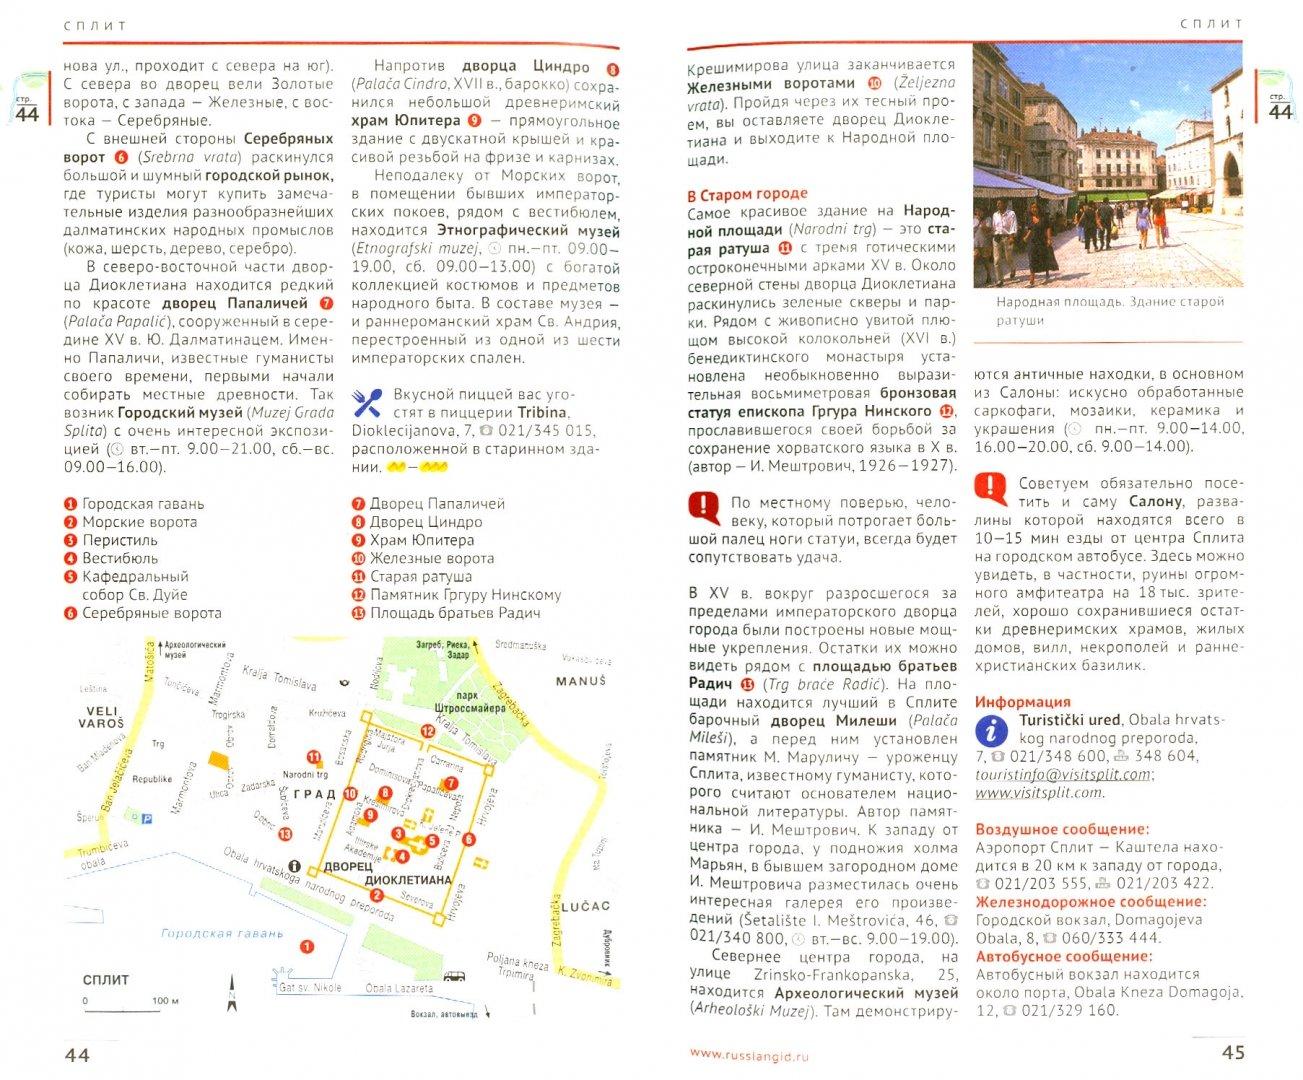 Иллюстрация 1 из 35 для Хорватия (с мини-разговорником) - Пернат, Калинин | Лабиринт - книги. Источник: Лабиринт